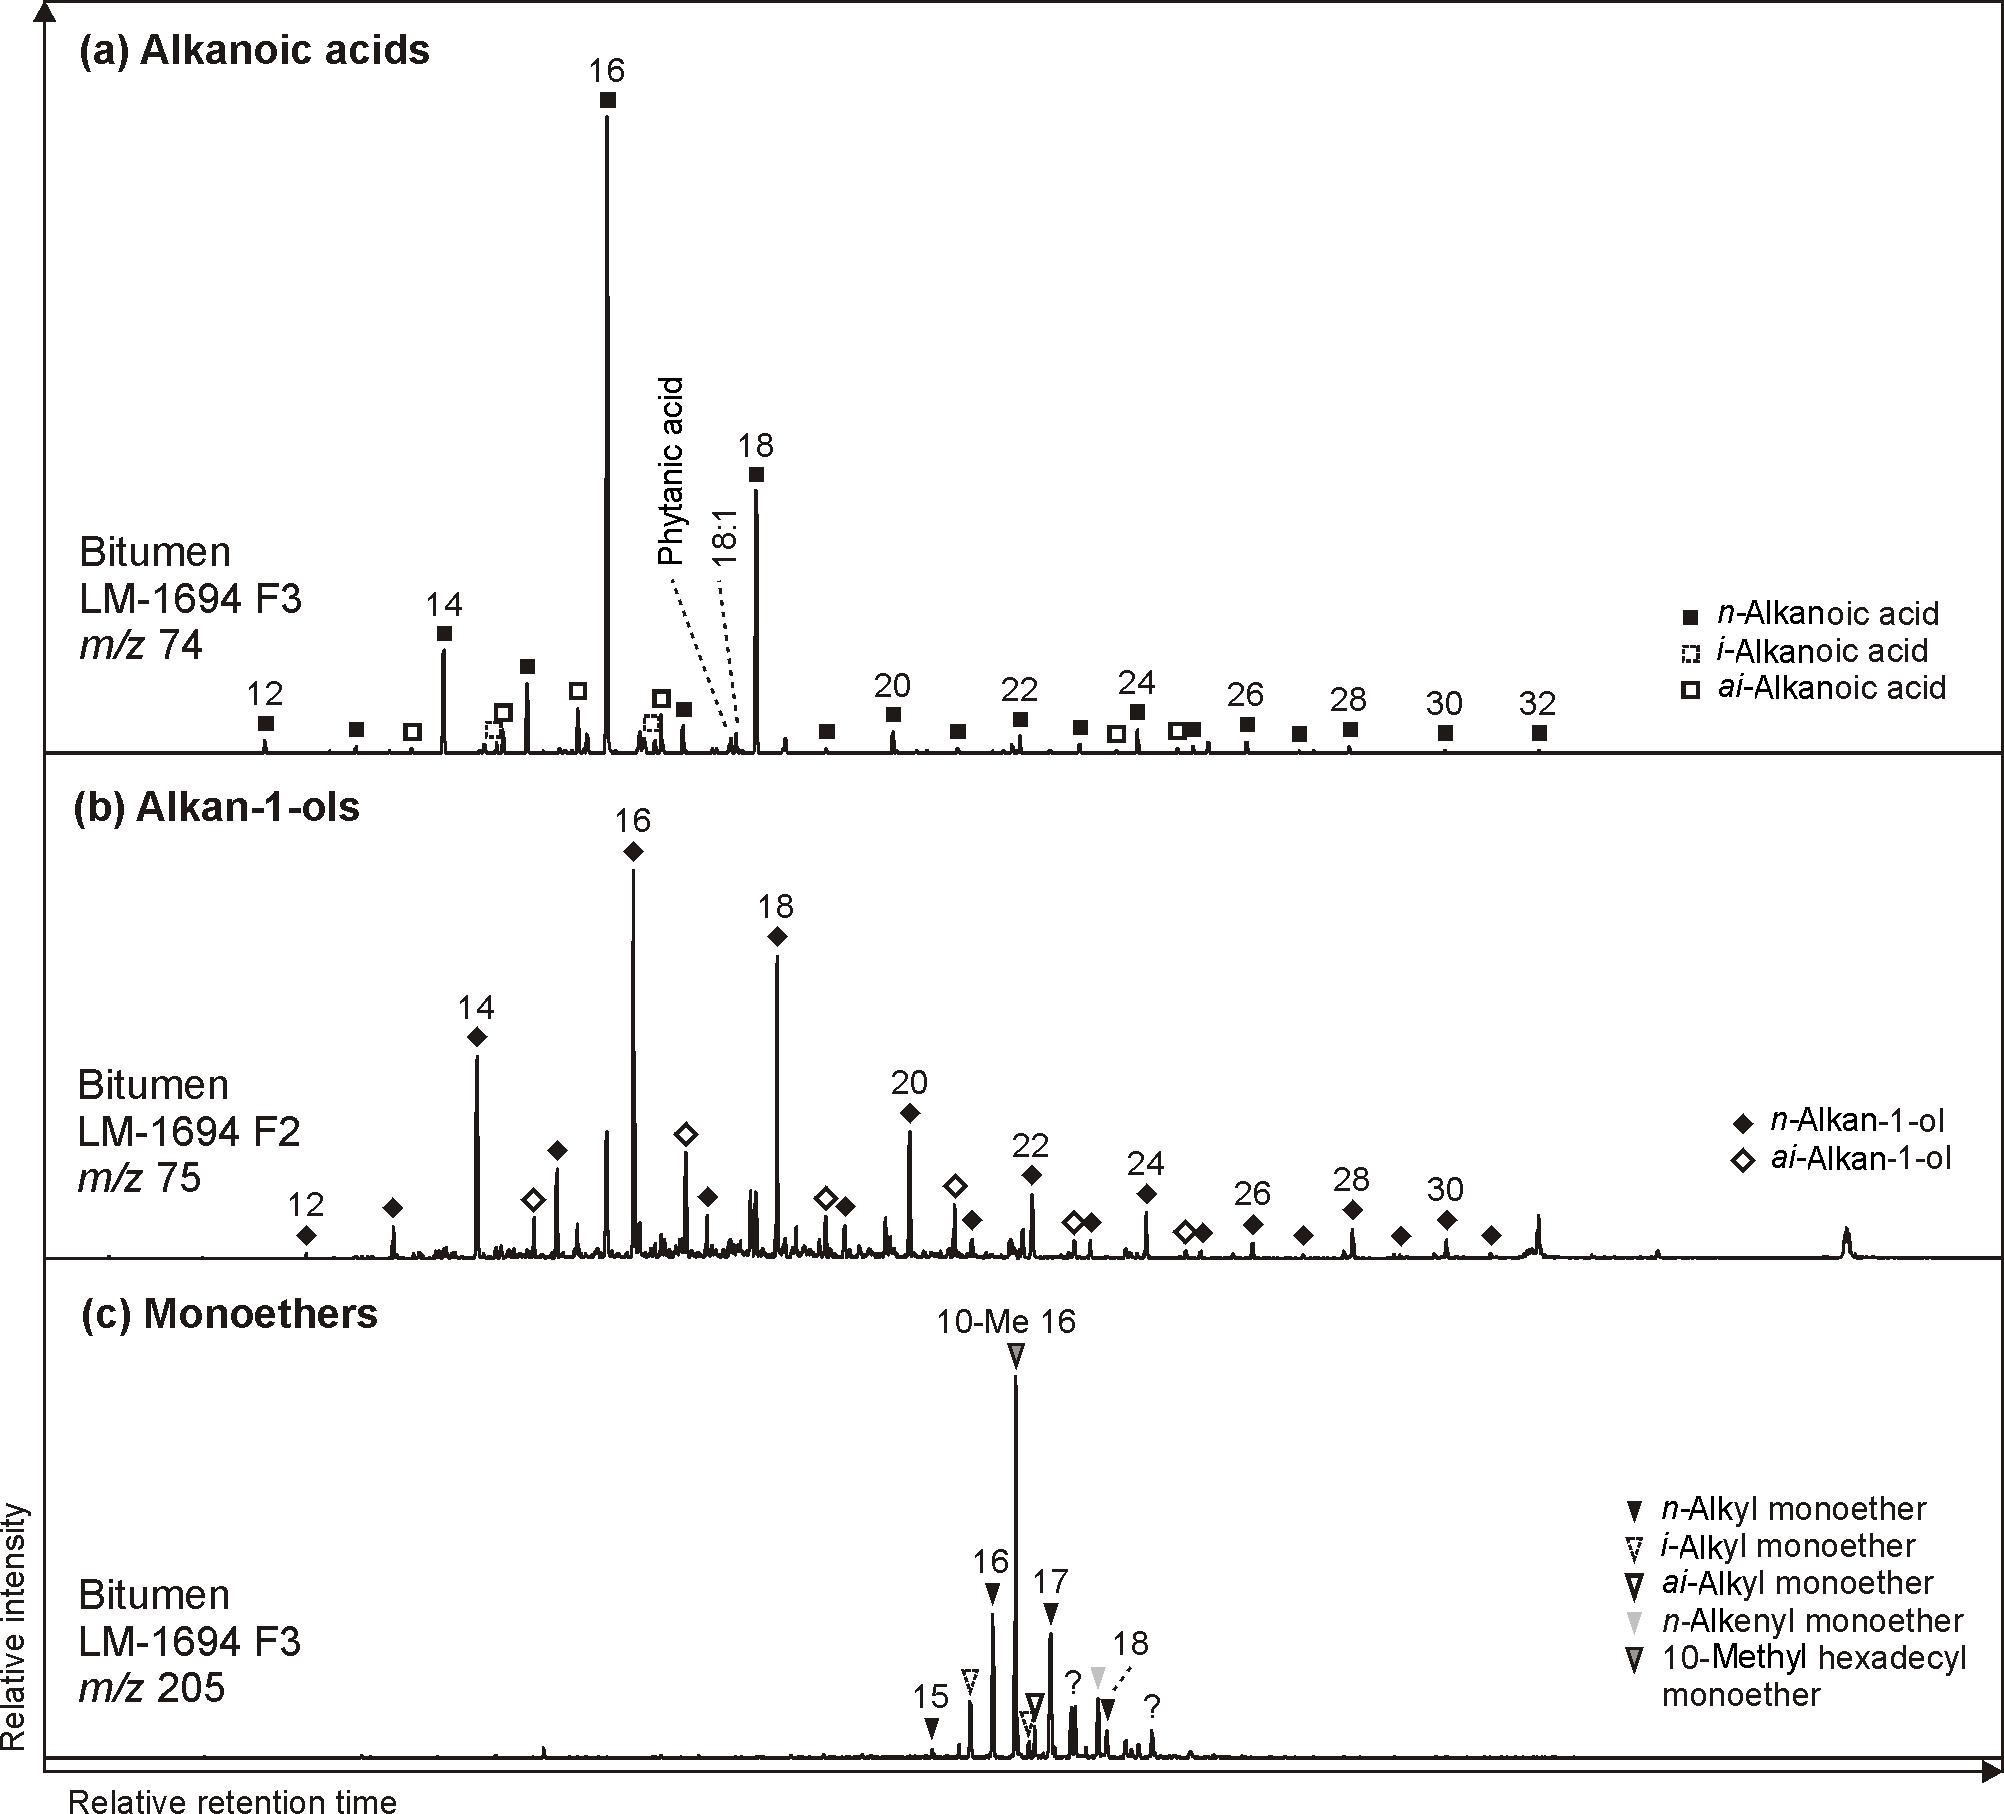 BG - Organic signatures in Pleistocene cherts from Lake